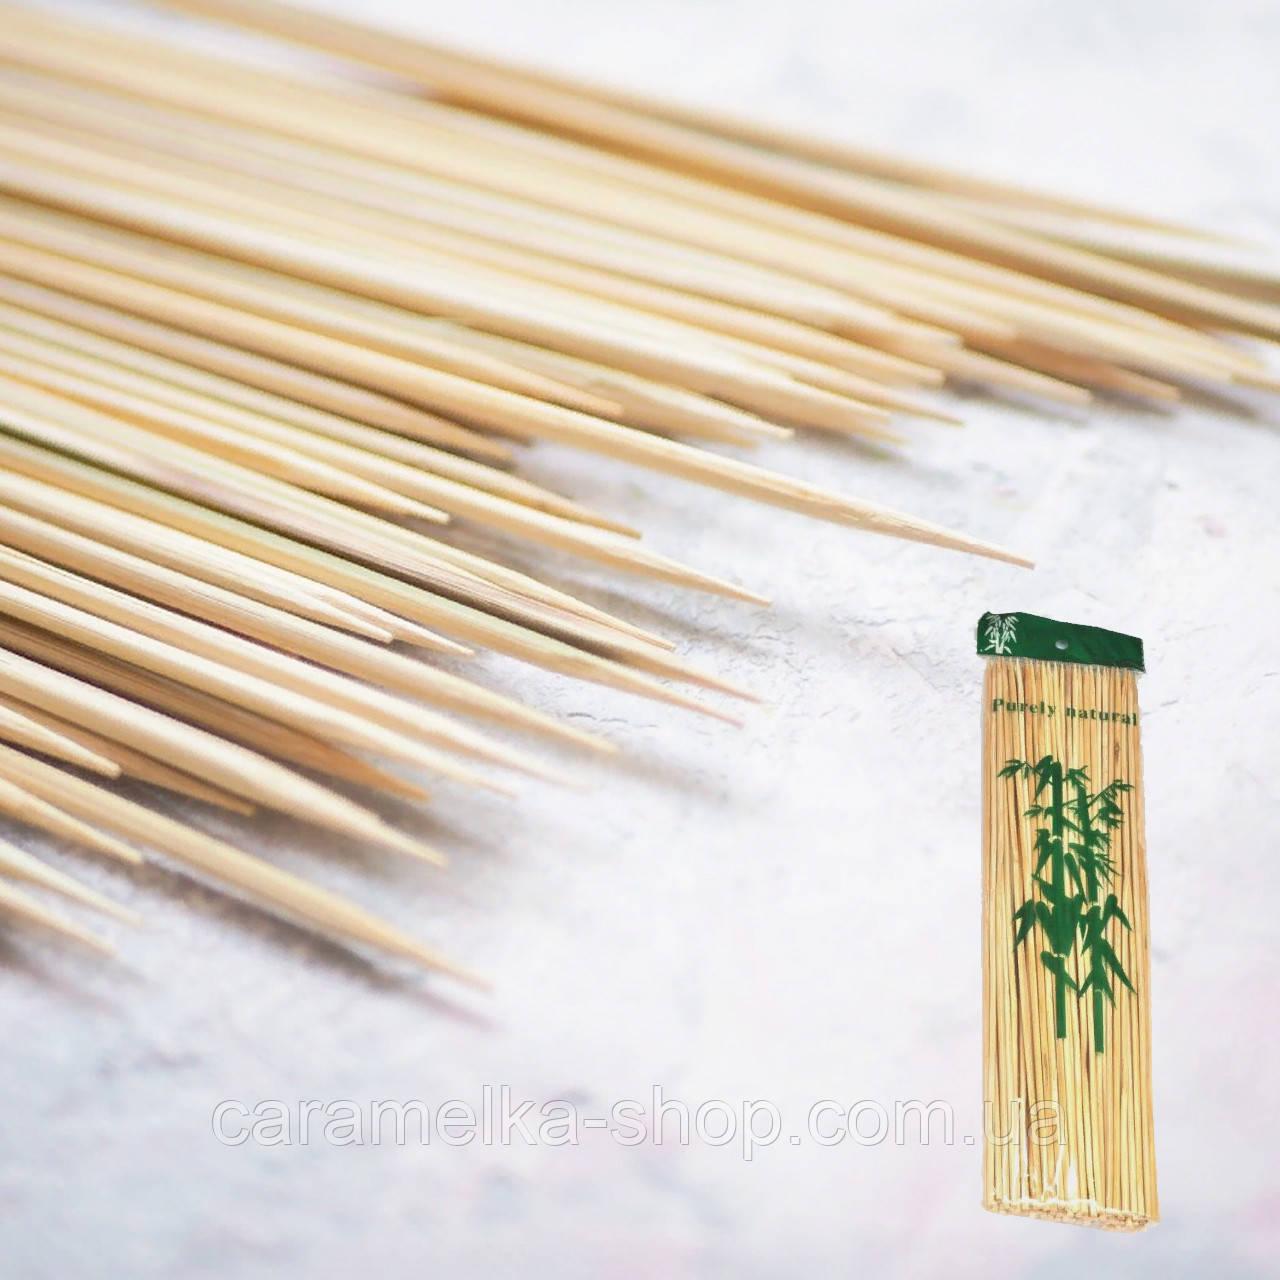 Бамбукові Шпажки 20 см, 100 штук в упаковці